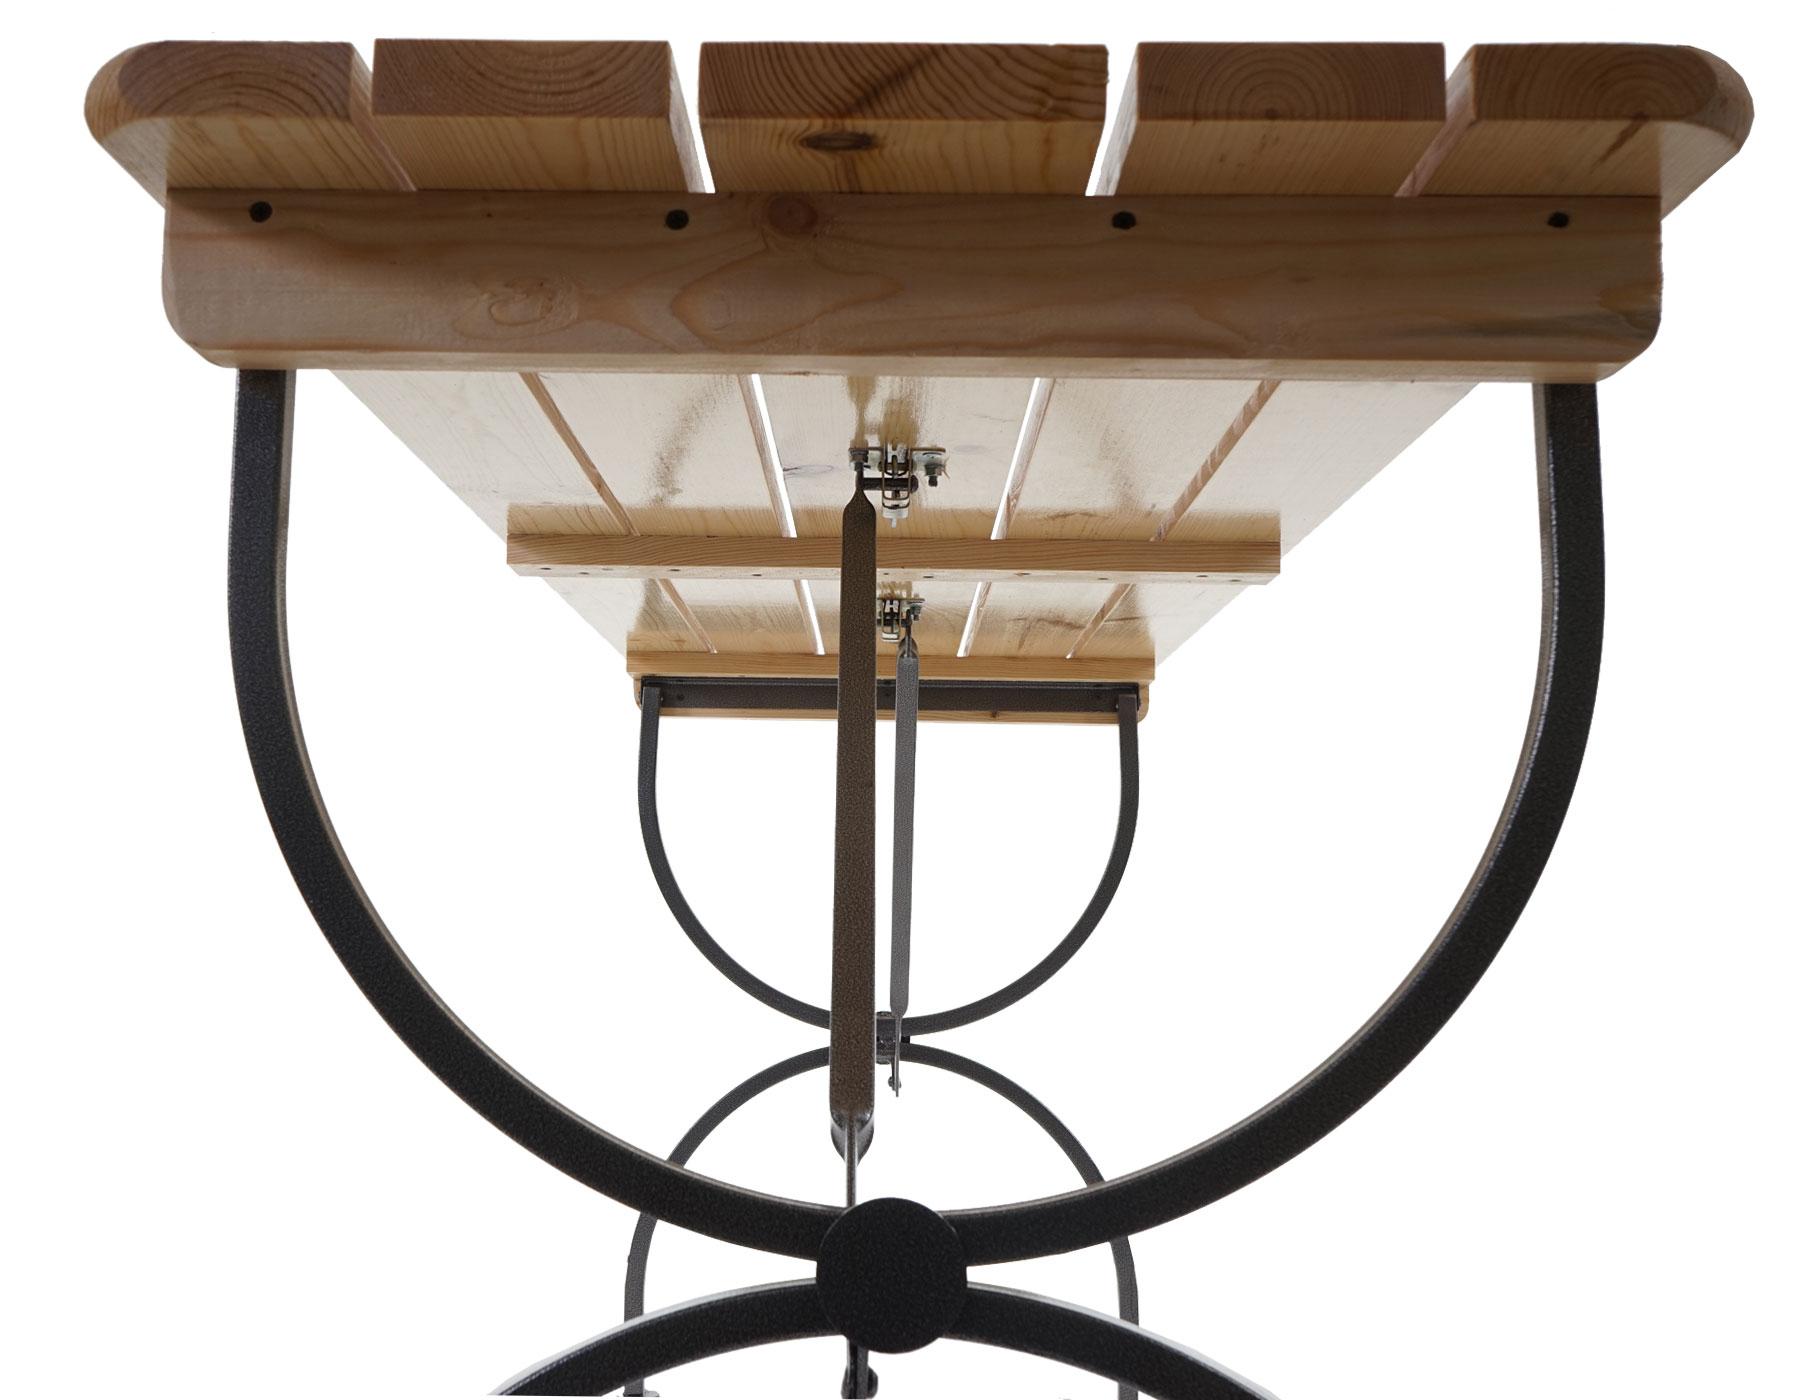 tisch linz f r gastronomie festzeltgarnitur biertisch bierzelttisch lackiert 180 cm. Black Bedroom Furniture Sets. Home Design Ideas